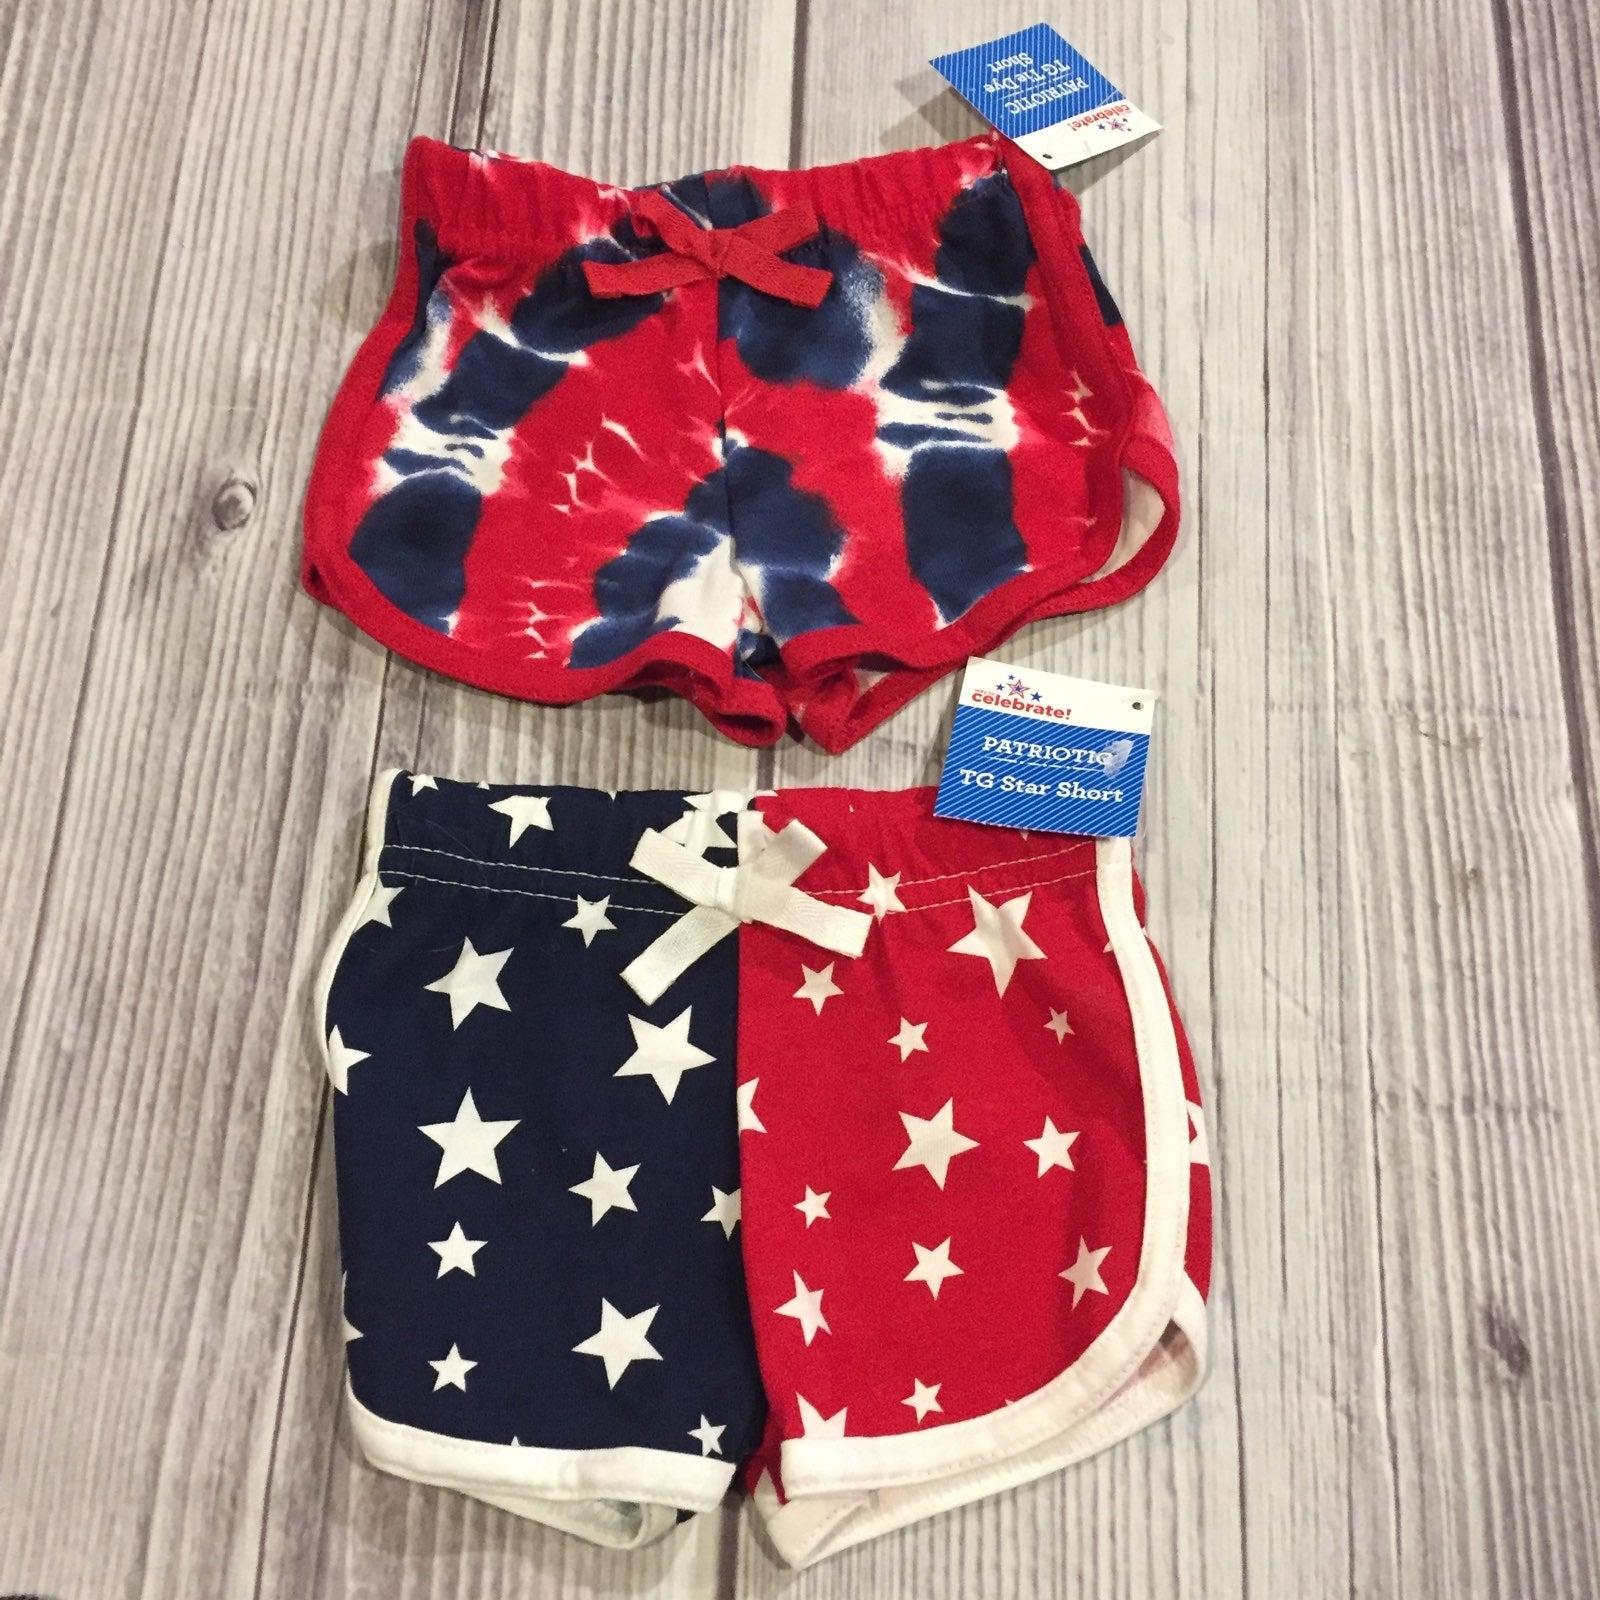 patriotic shorts  2 pair  0-3m